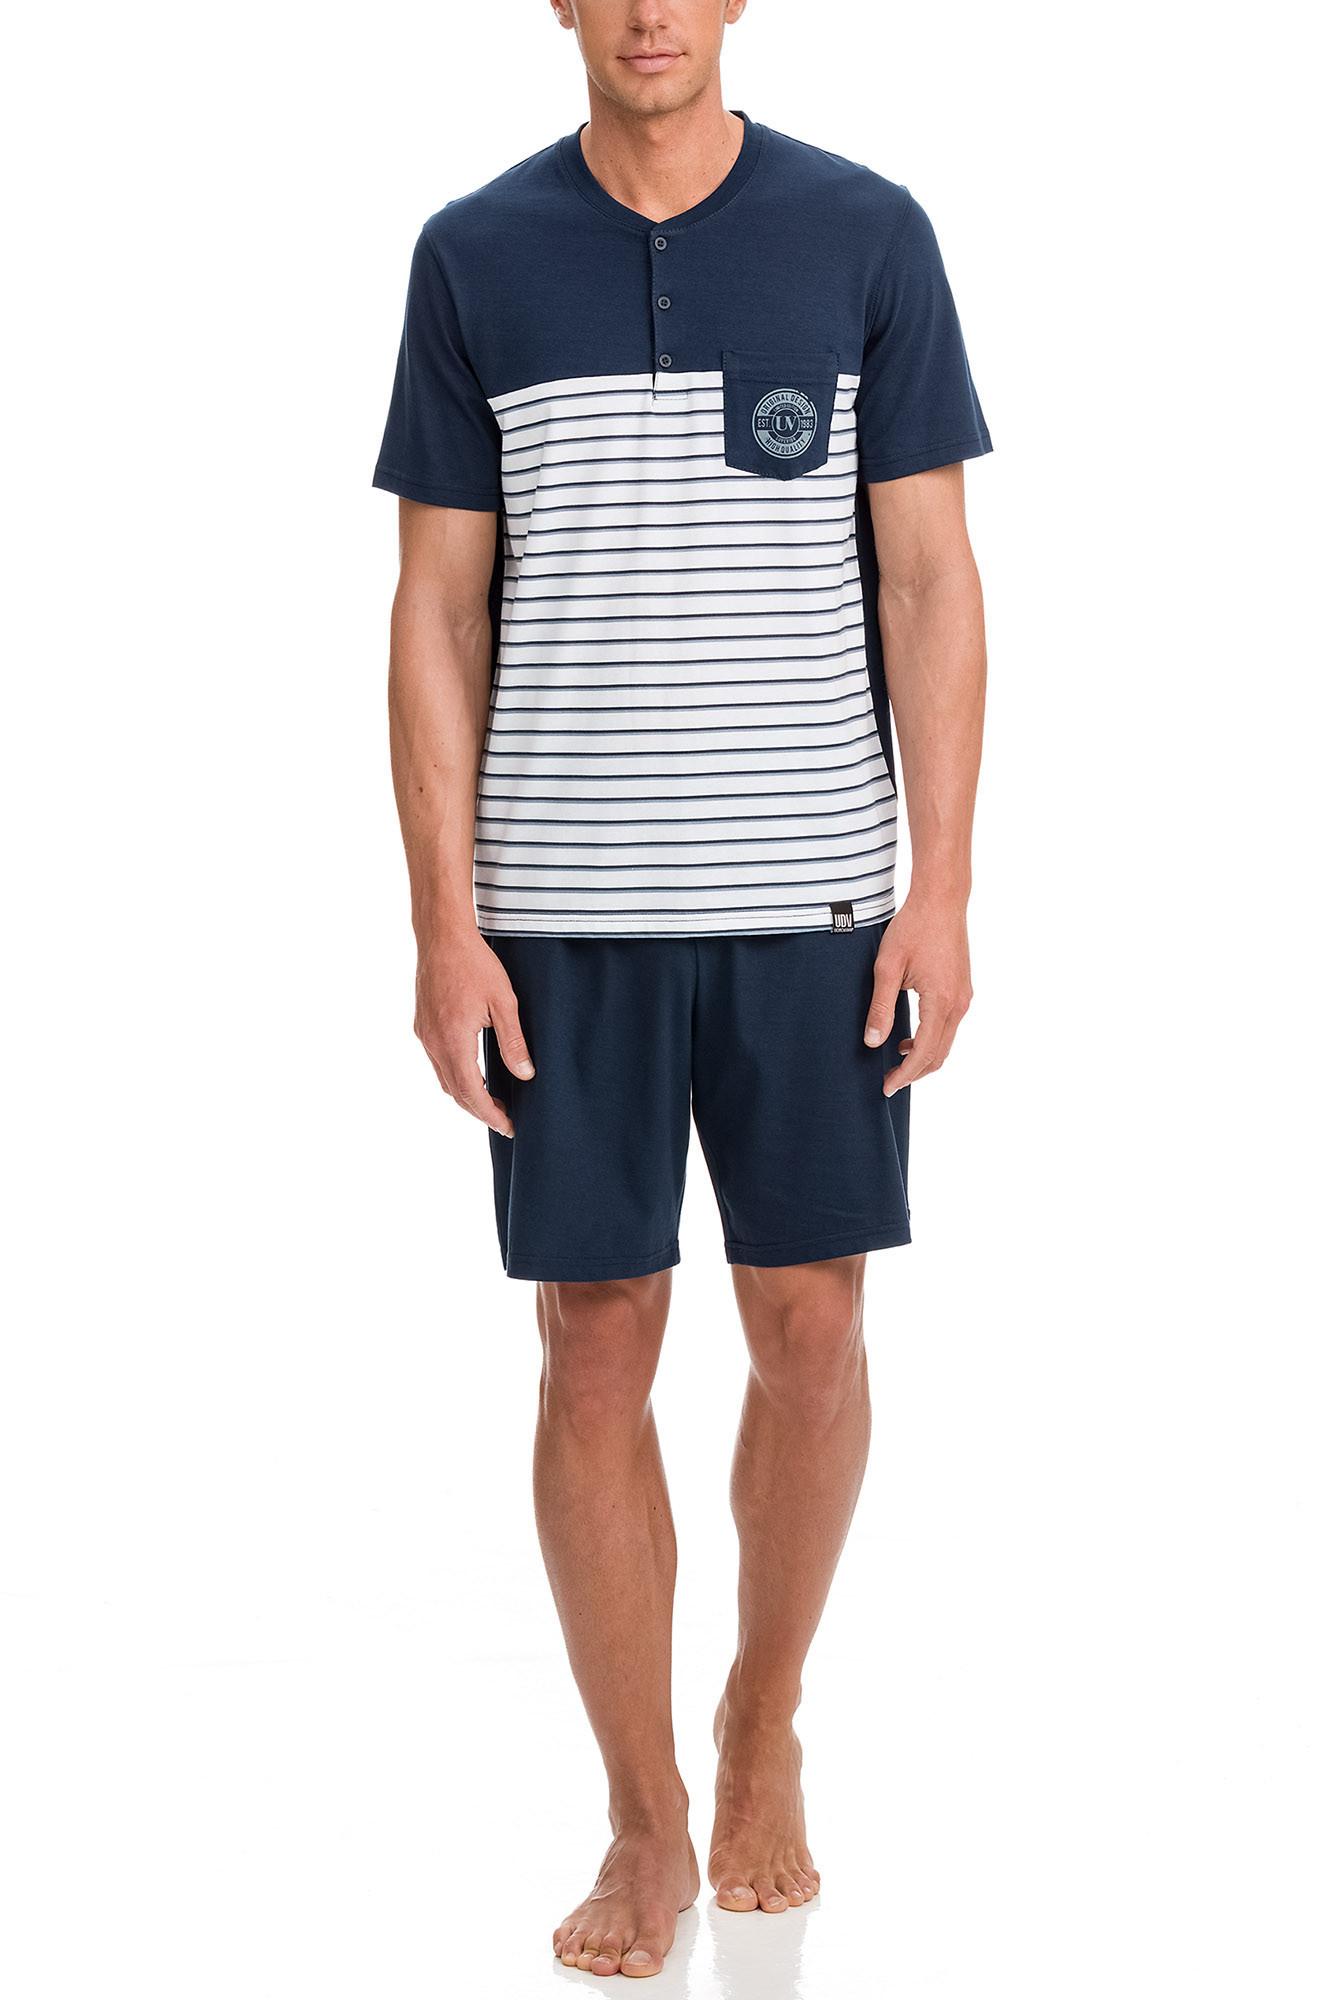 Vamp - Pánske pyžamo 12646 - Vamp blue oxford m